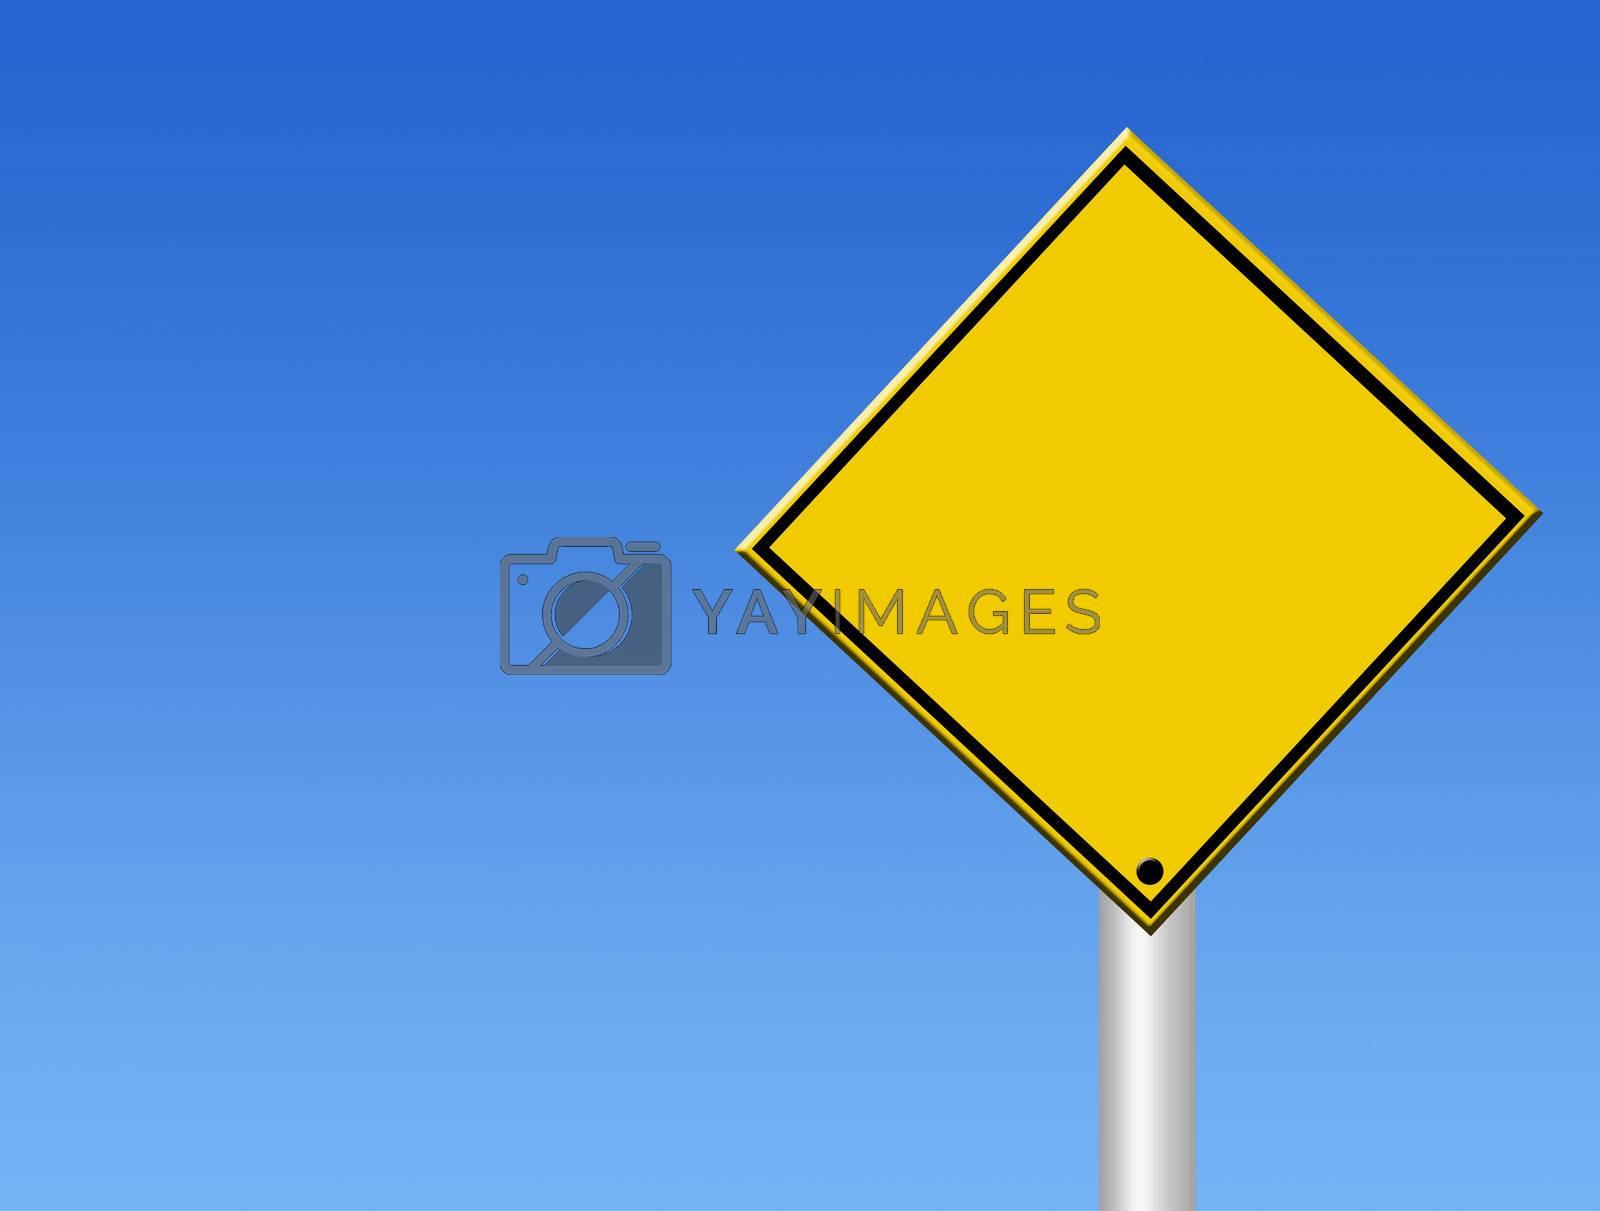 blank straffic sign on blue background. illustration